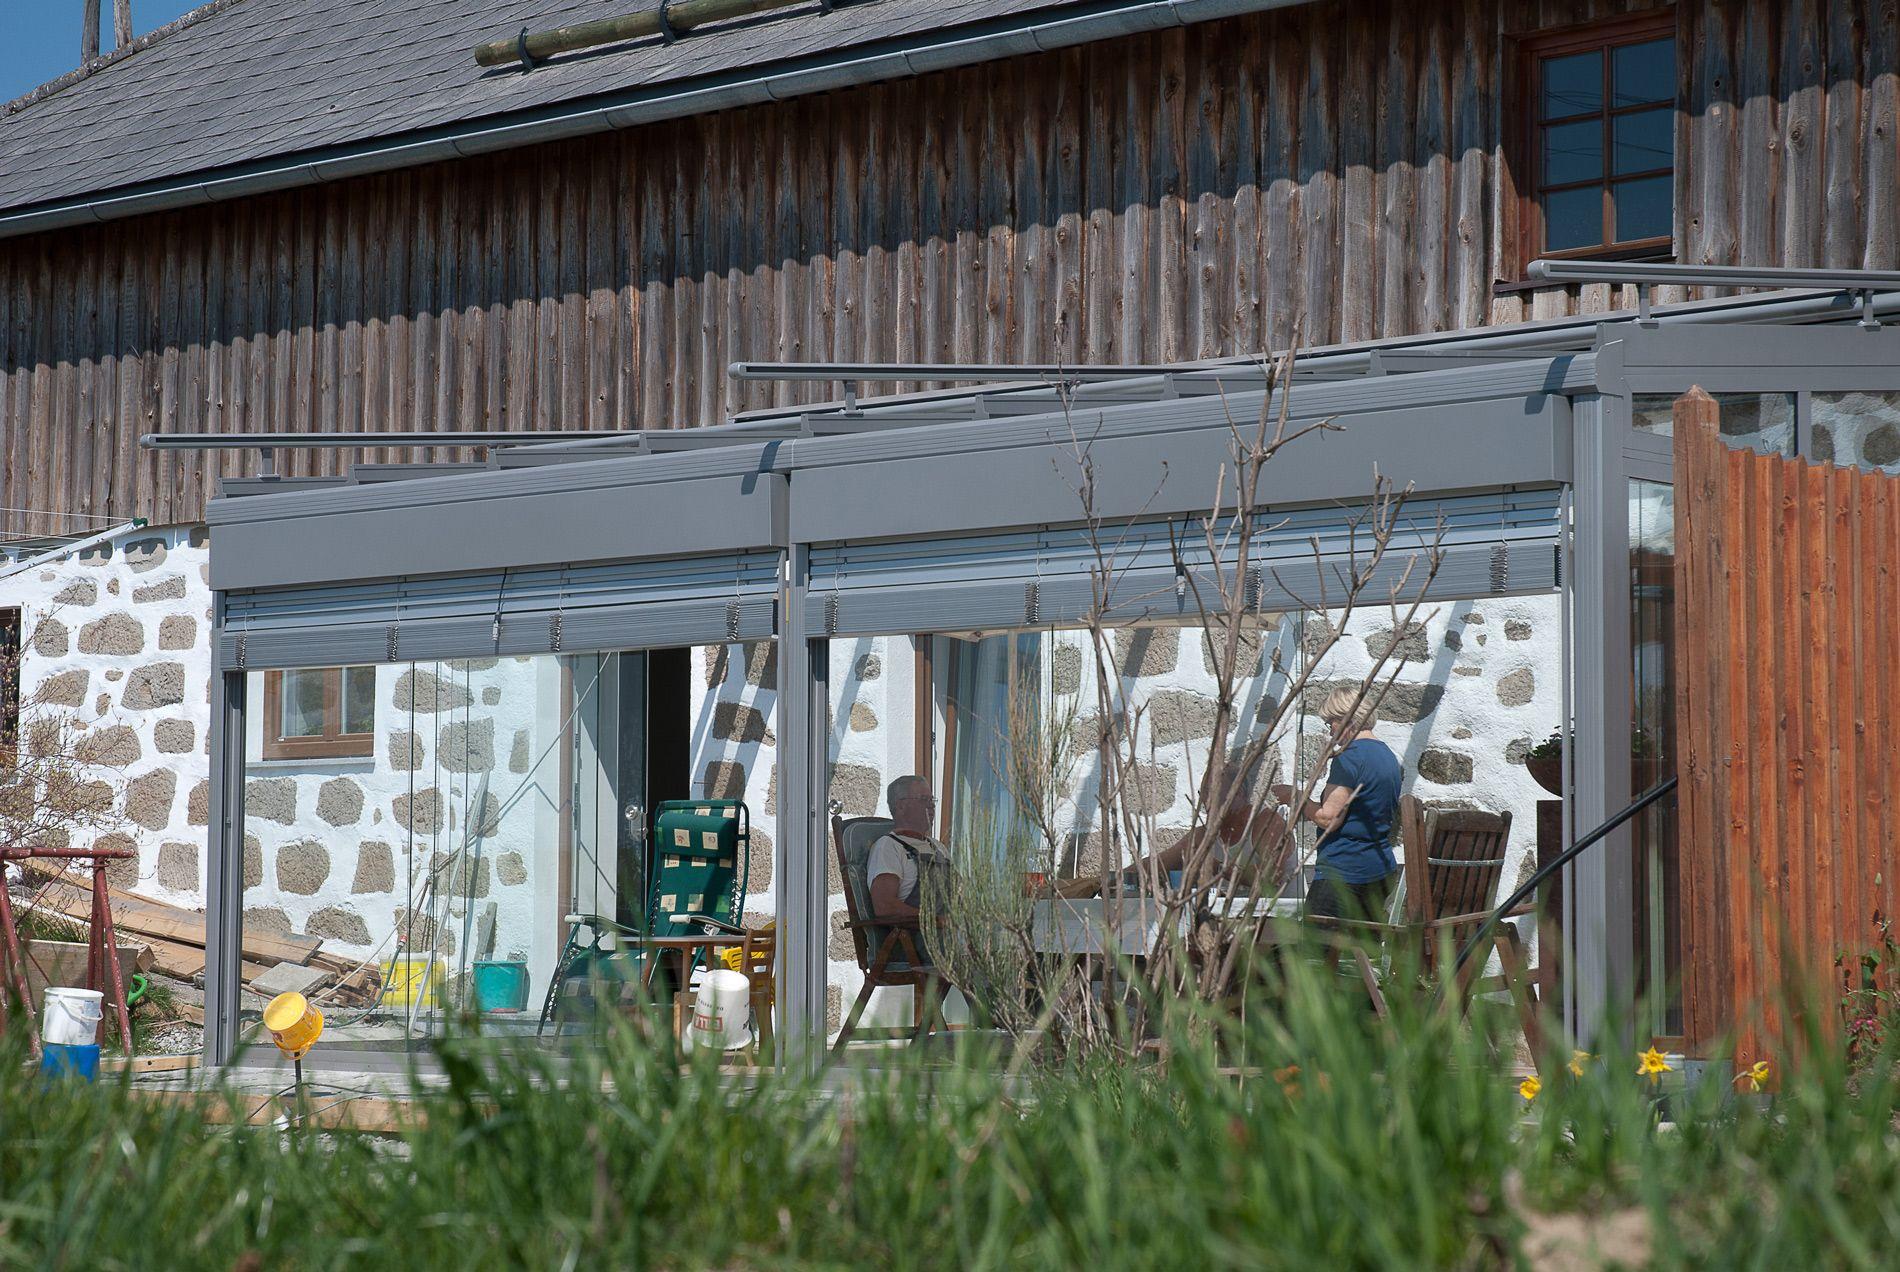 Wintergärten Hersteller wintergarten mit außenbeschattung vom wintergarten hersteller